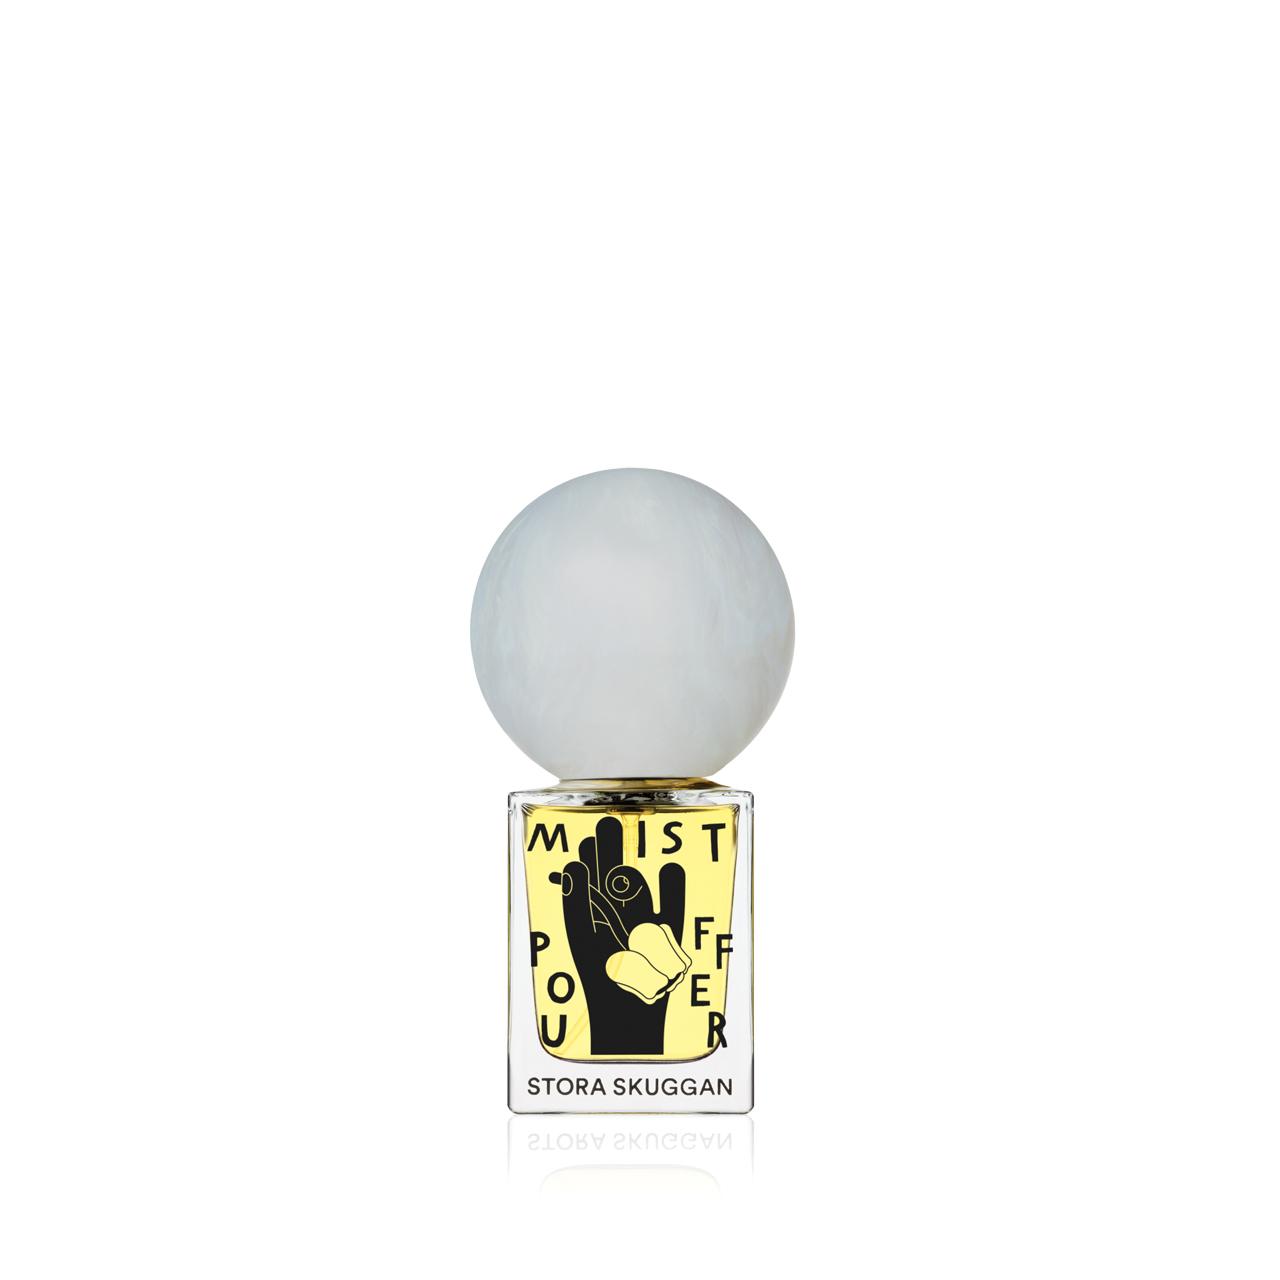 Mistpouffer - Eau de Parfum